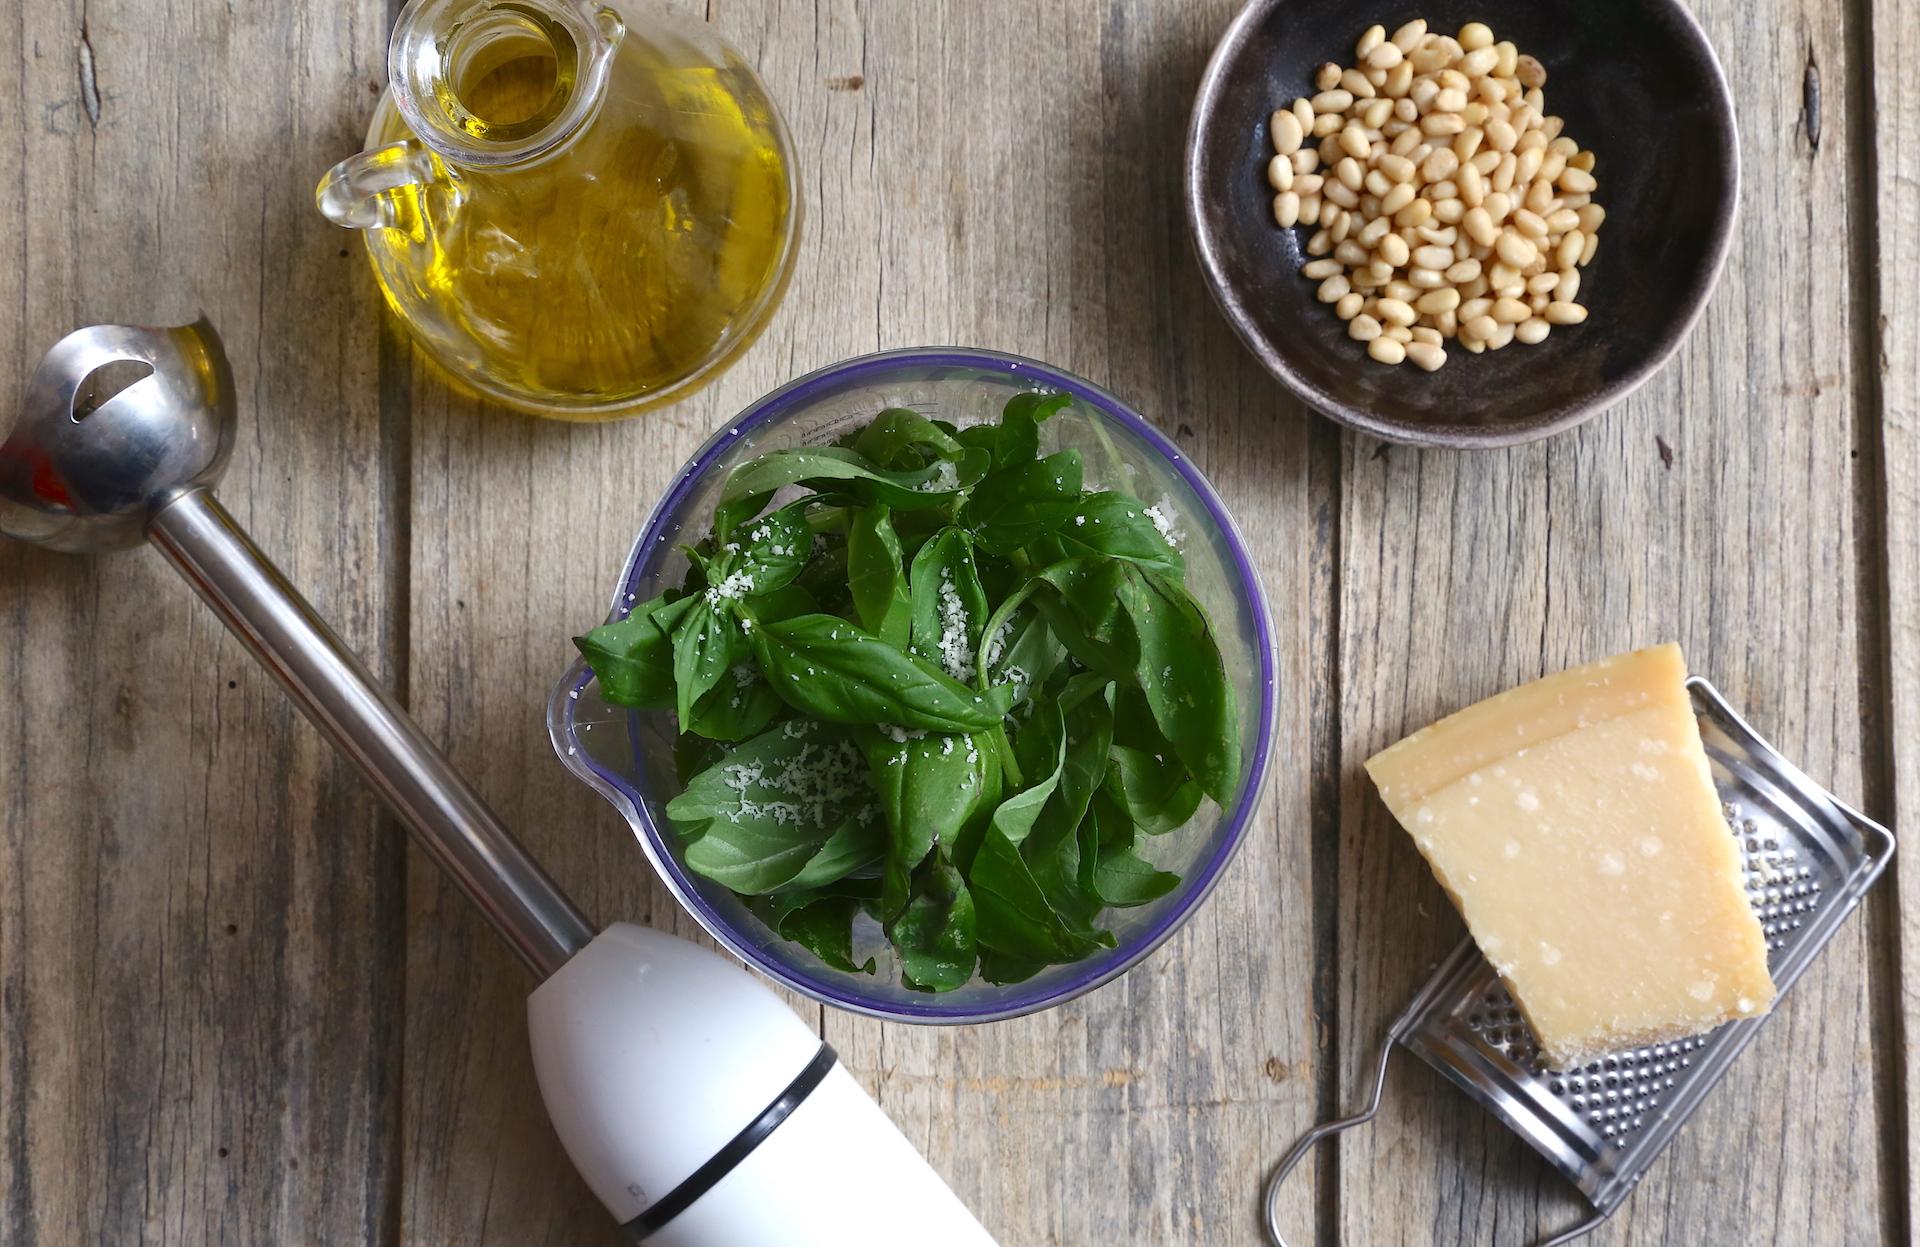 Preparazione salsa basilico © Beatrice Spagoni